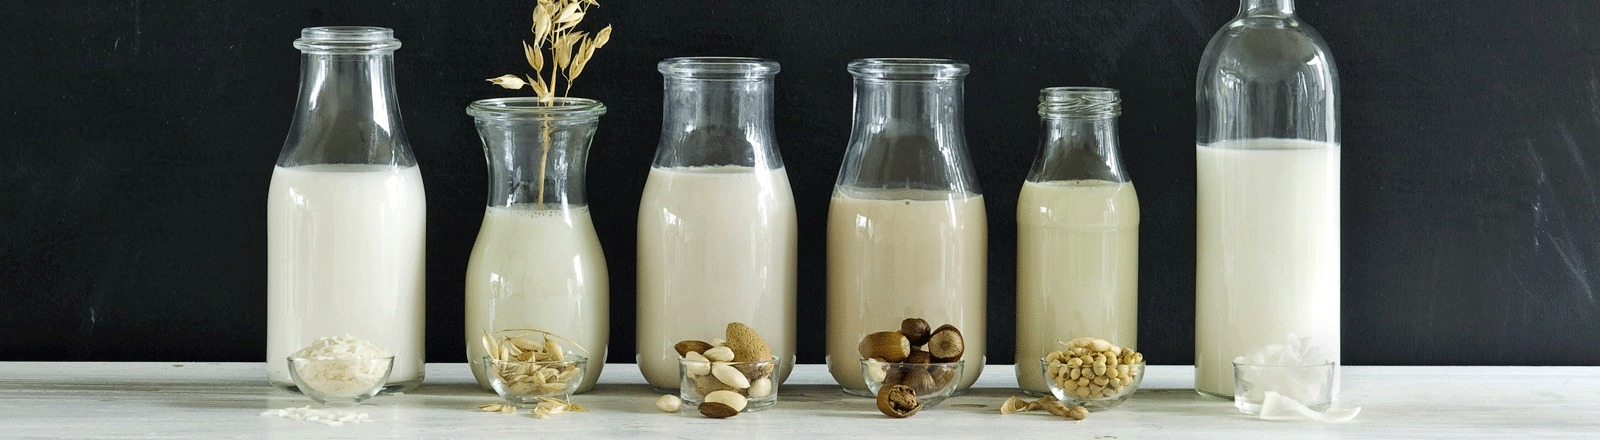 Selbstgemachte Milchvariationen. Unter anderem Mandel- Kokos, und Hafermilch.